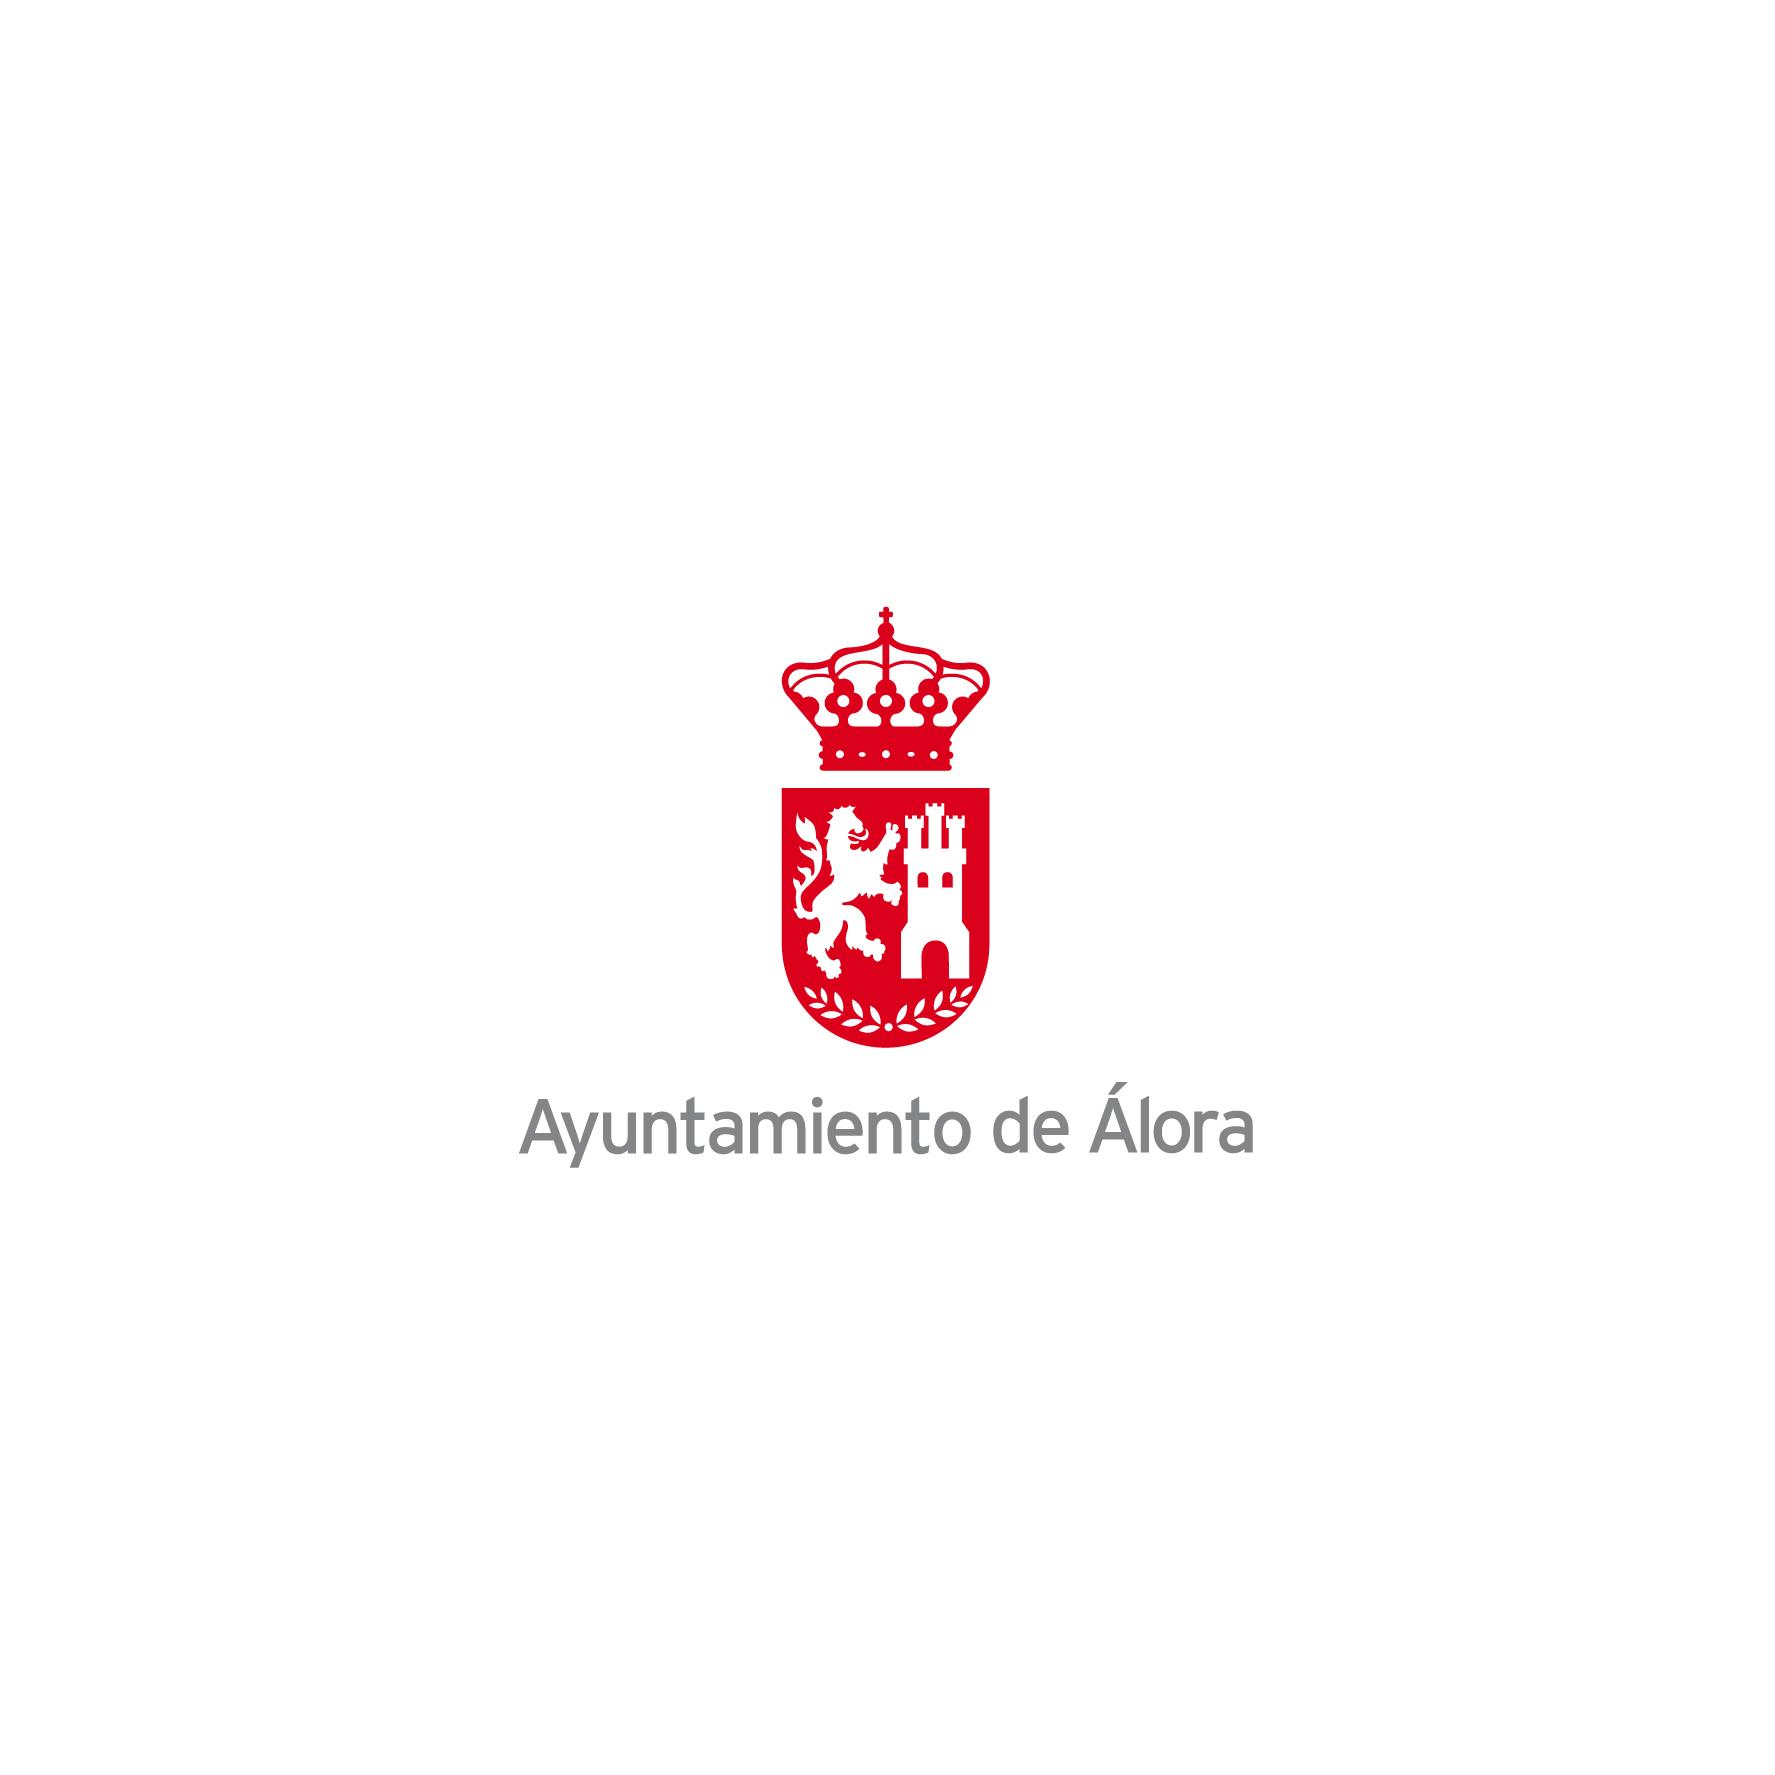 El Ayuntamiento agiliza el pago a proveedores ante la crisis sanitaria